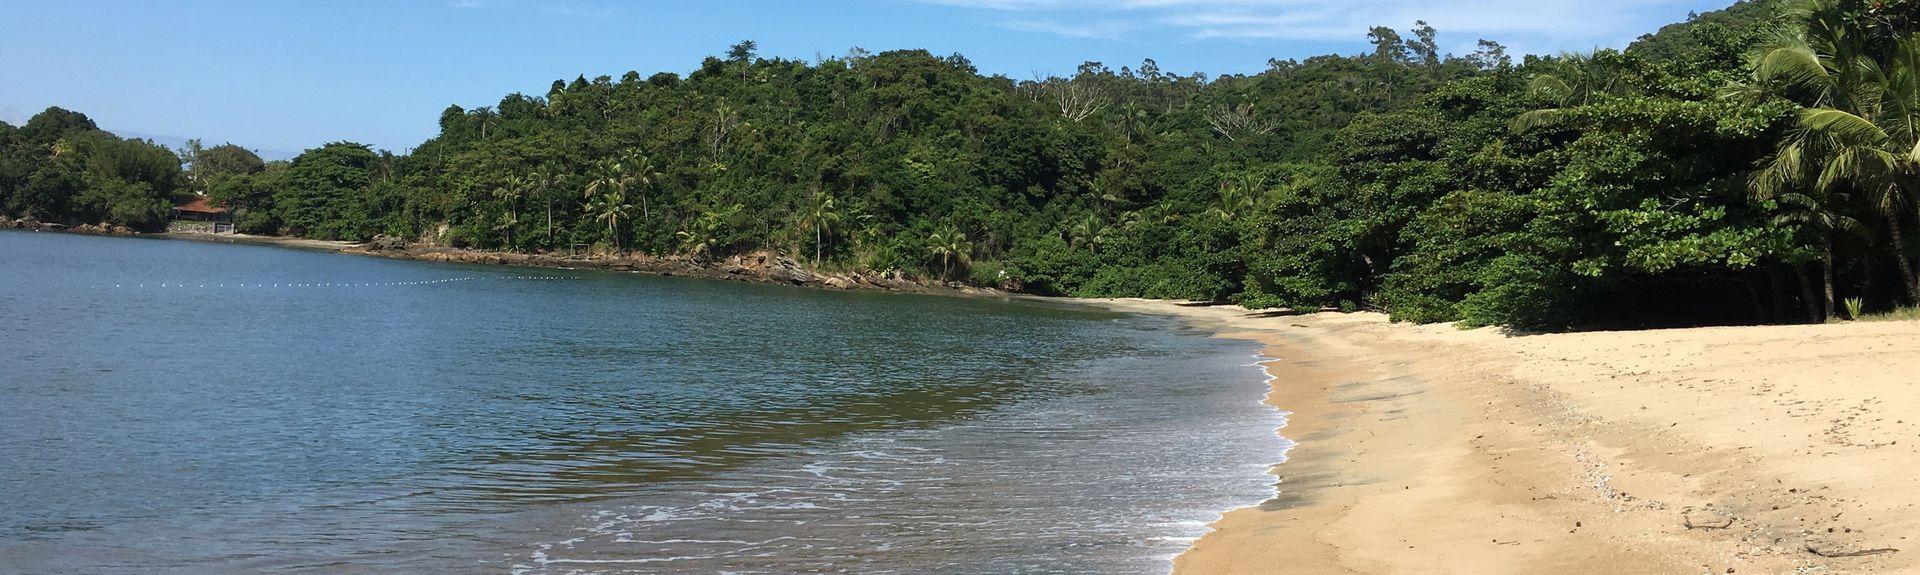 Plage de Pitangueiras, São Sebastião, Région Sud-Est, Brésil